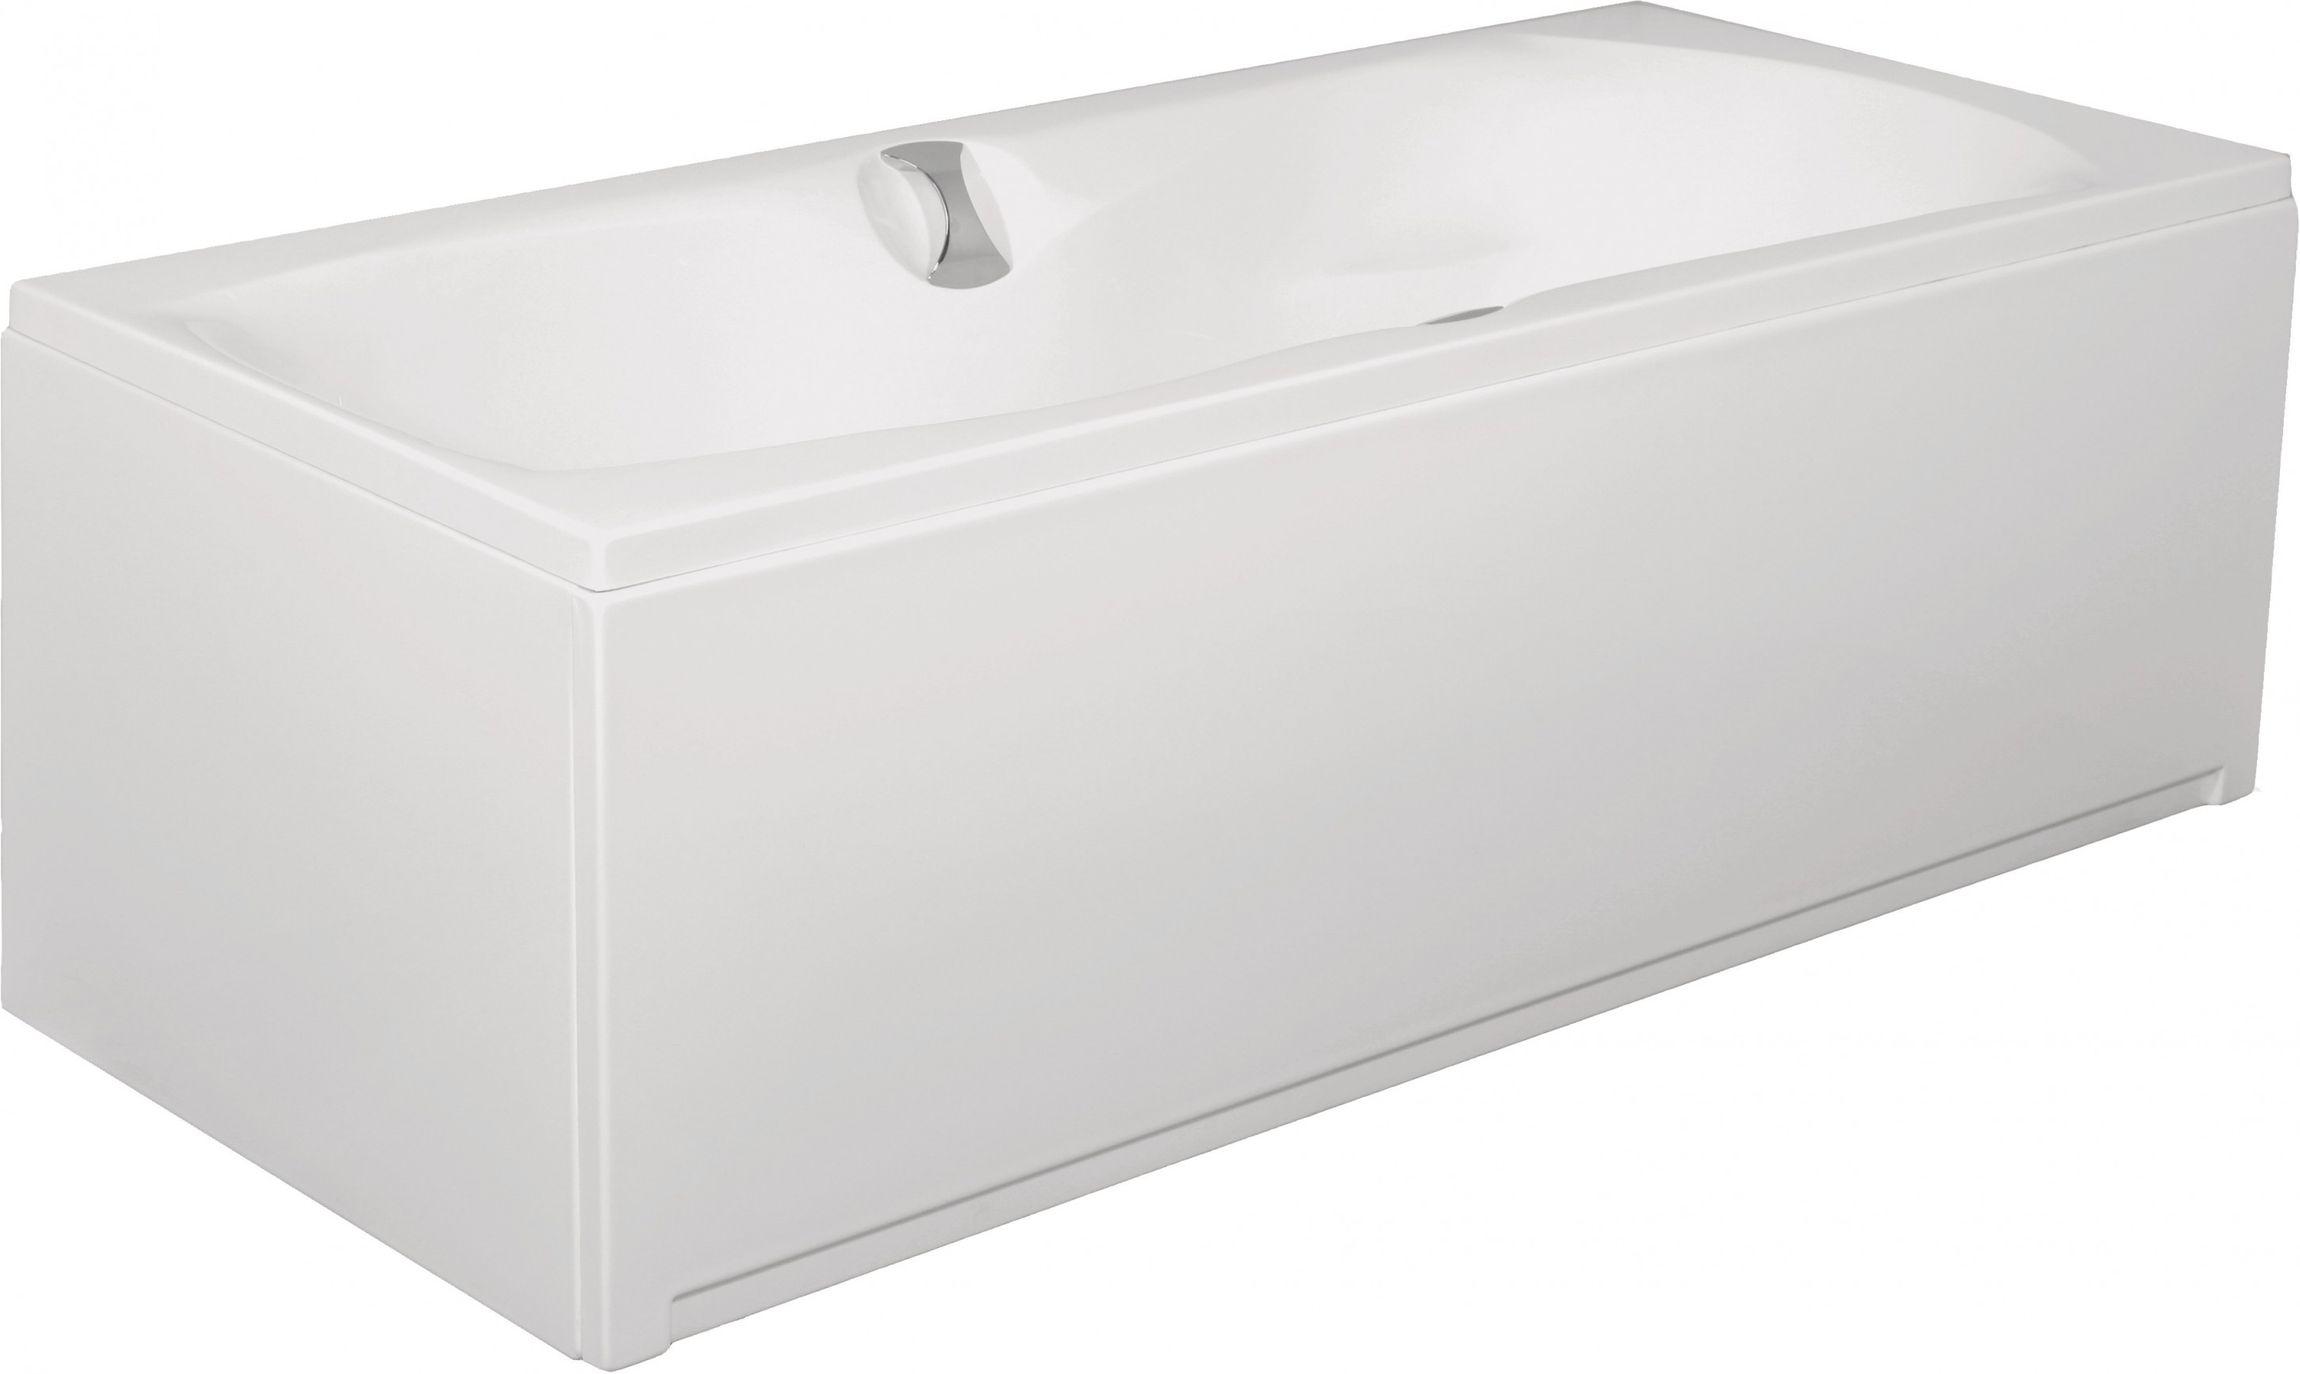 badewanne mit griffen 180 x 80 cm k rperformwanne dusche. Black Bedroom Furniture Sets. Home Design Ideas